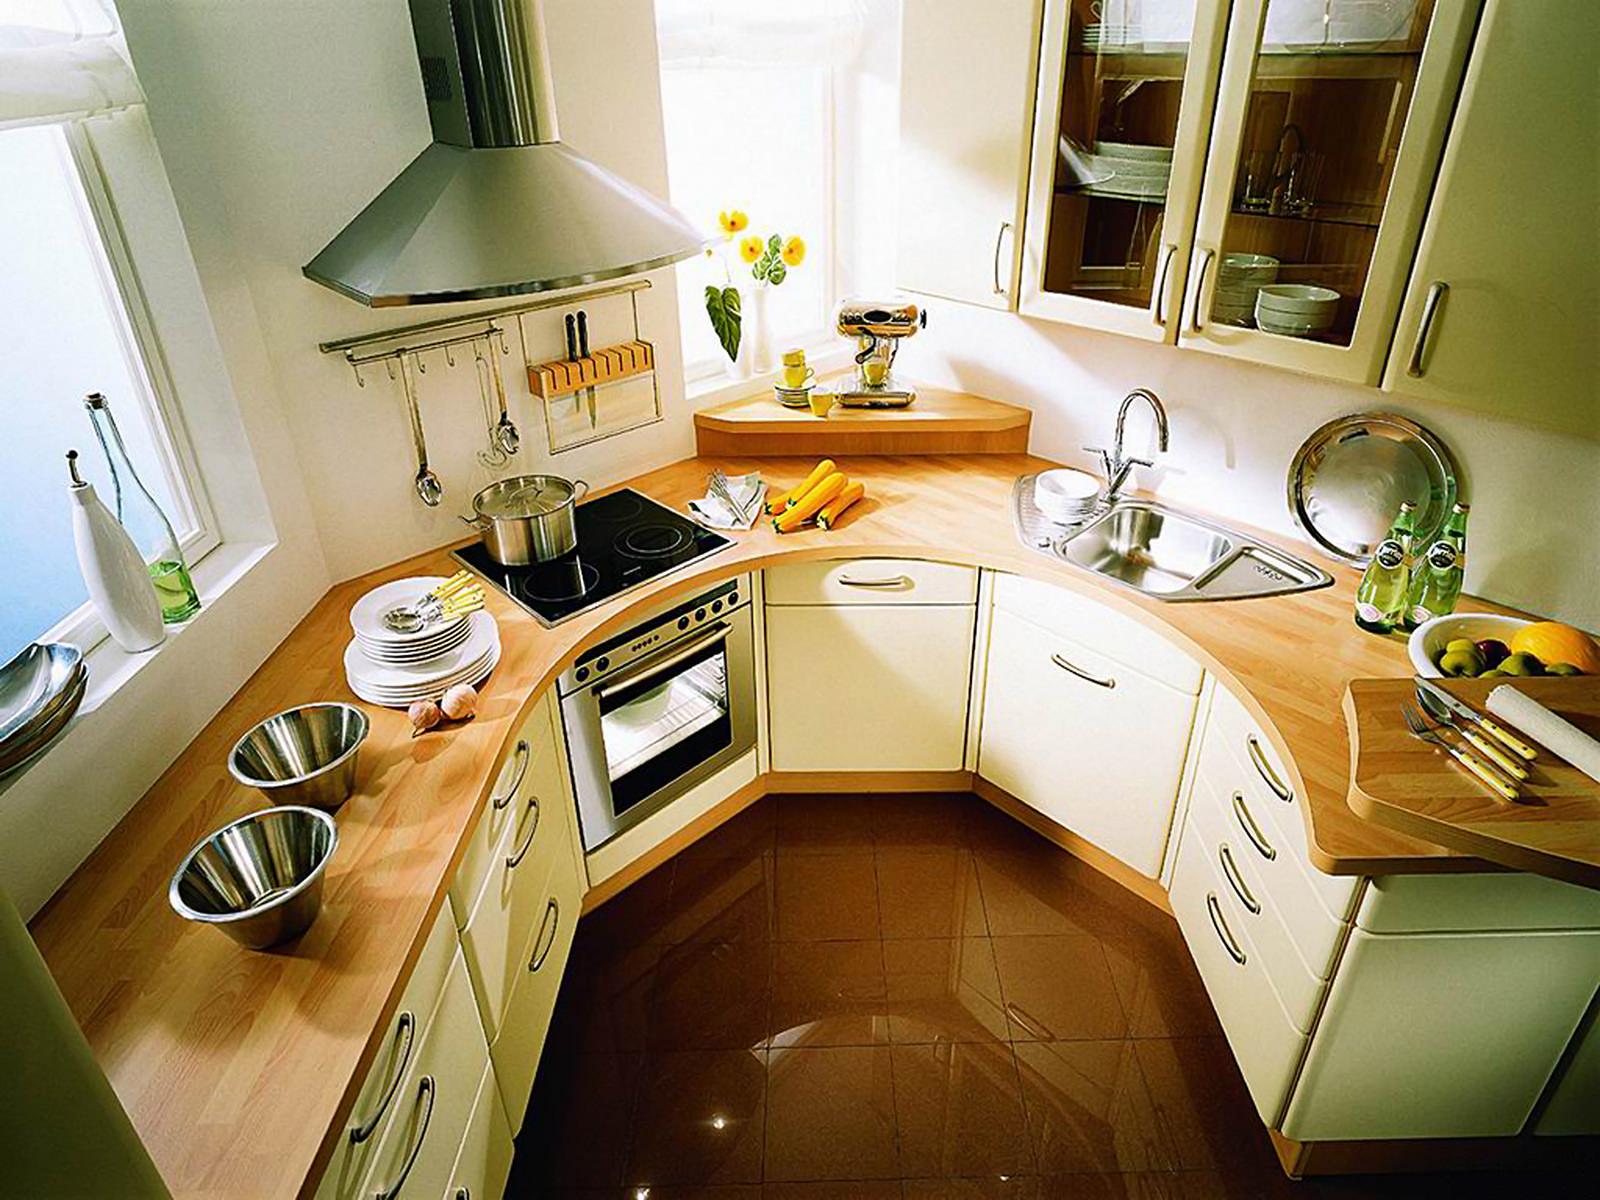 Вопросы дизайнеру перед перепланировкой кухни_4